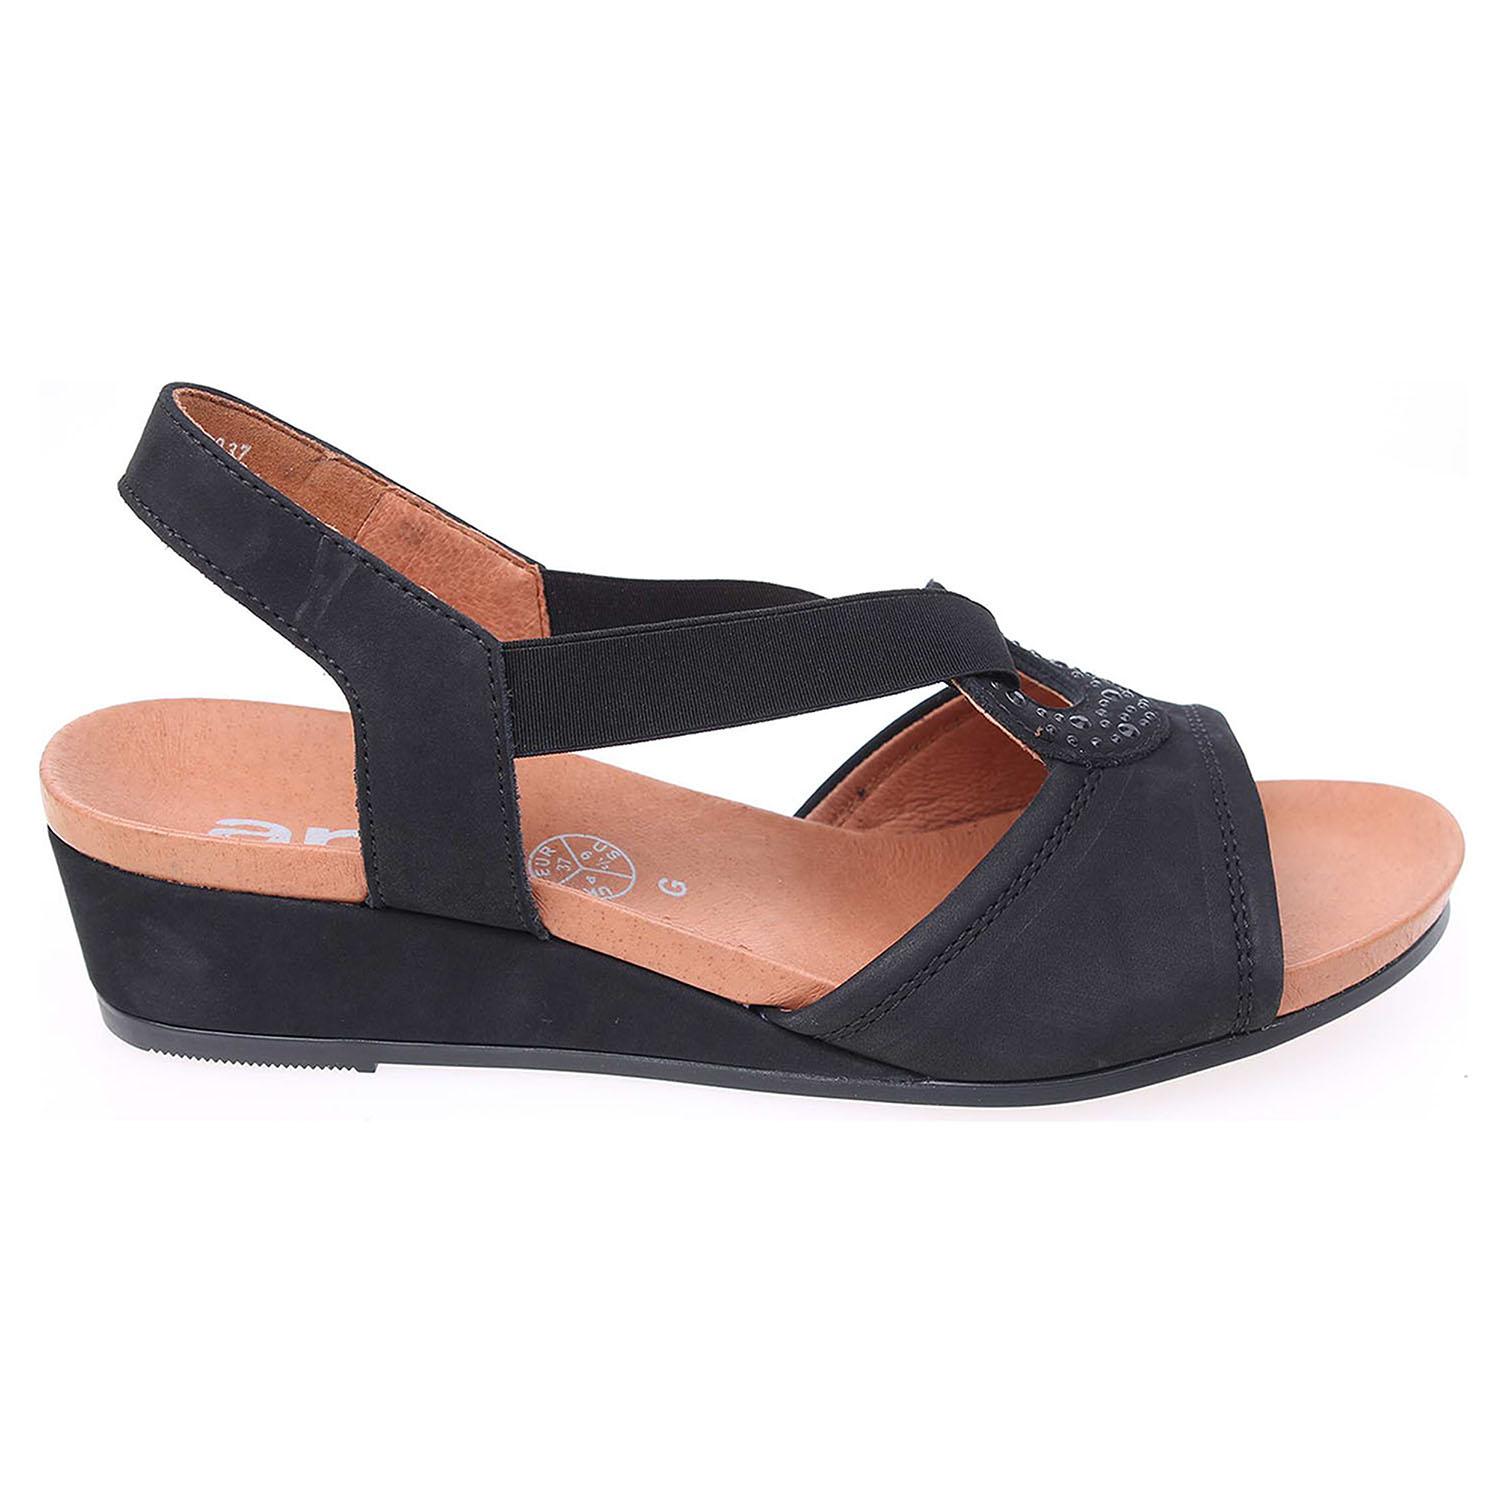 Ecco Ara dámské sandály 34113 černé 23800906